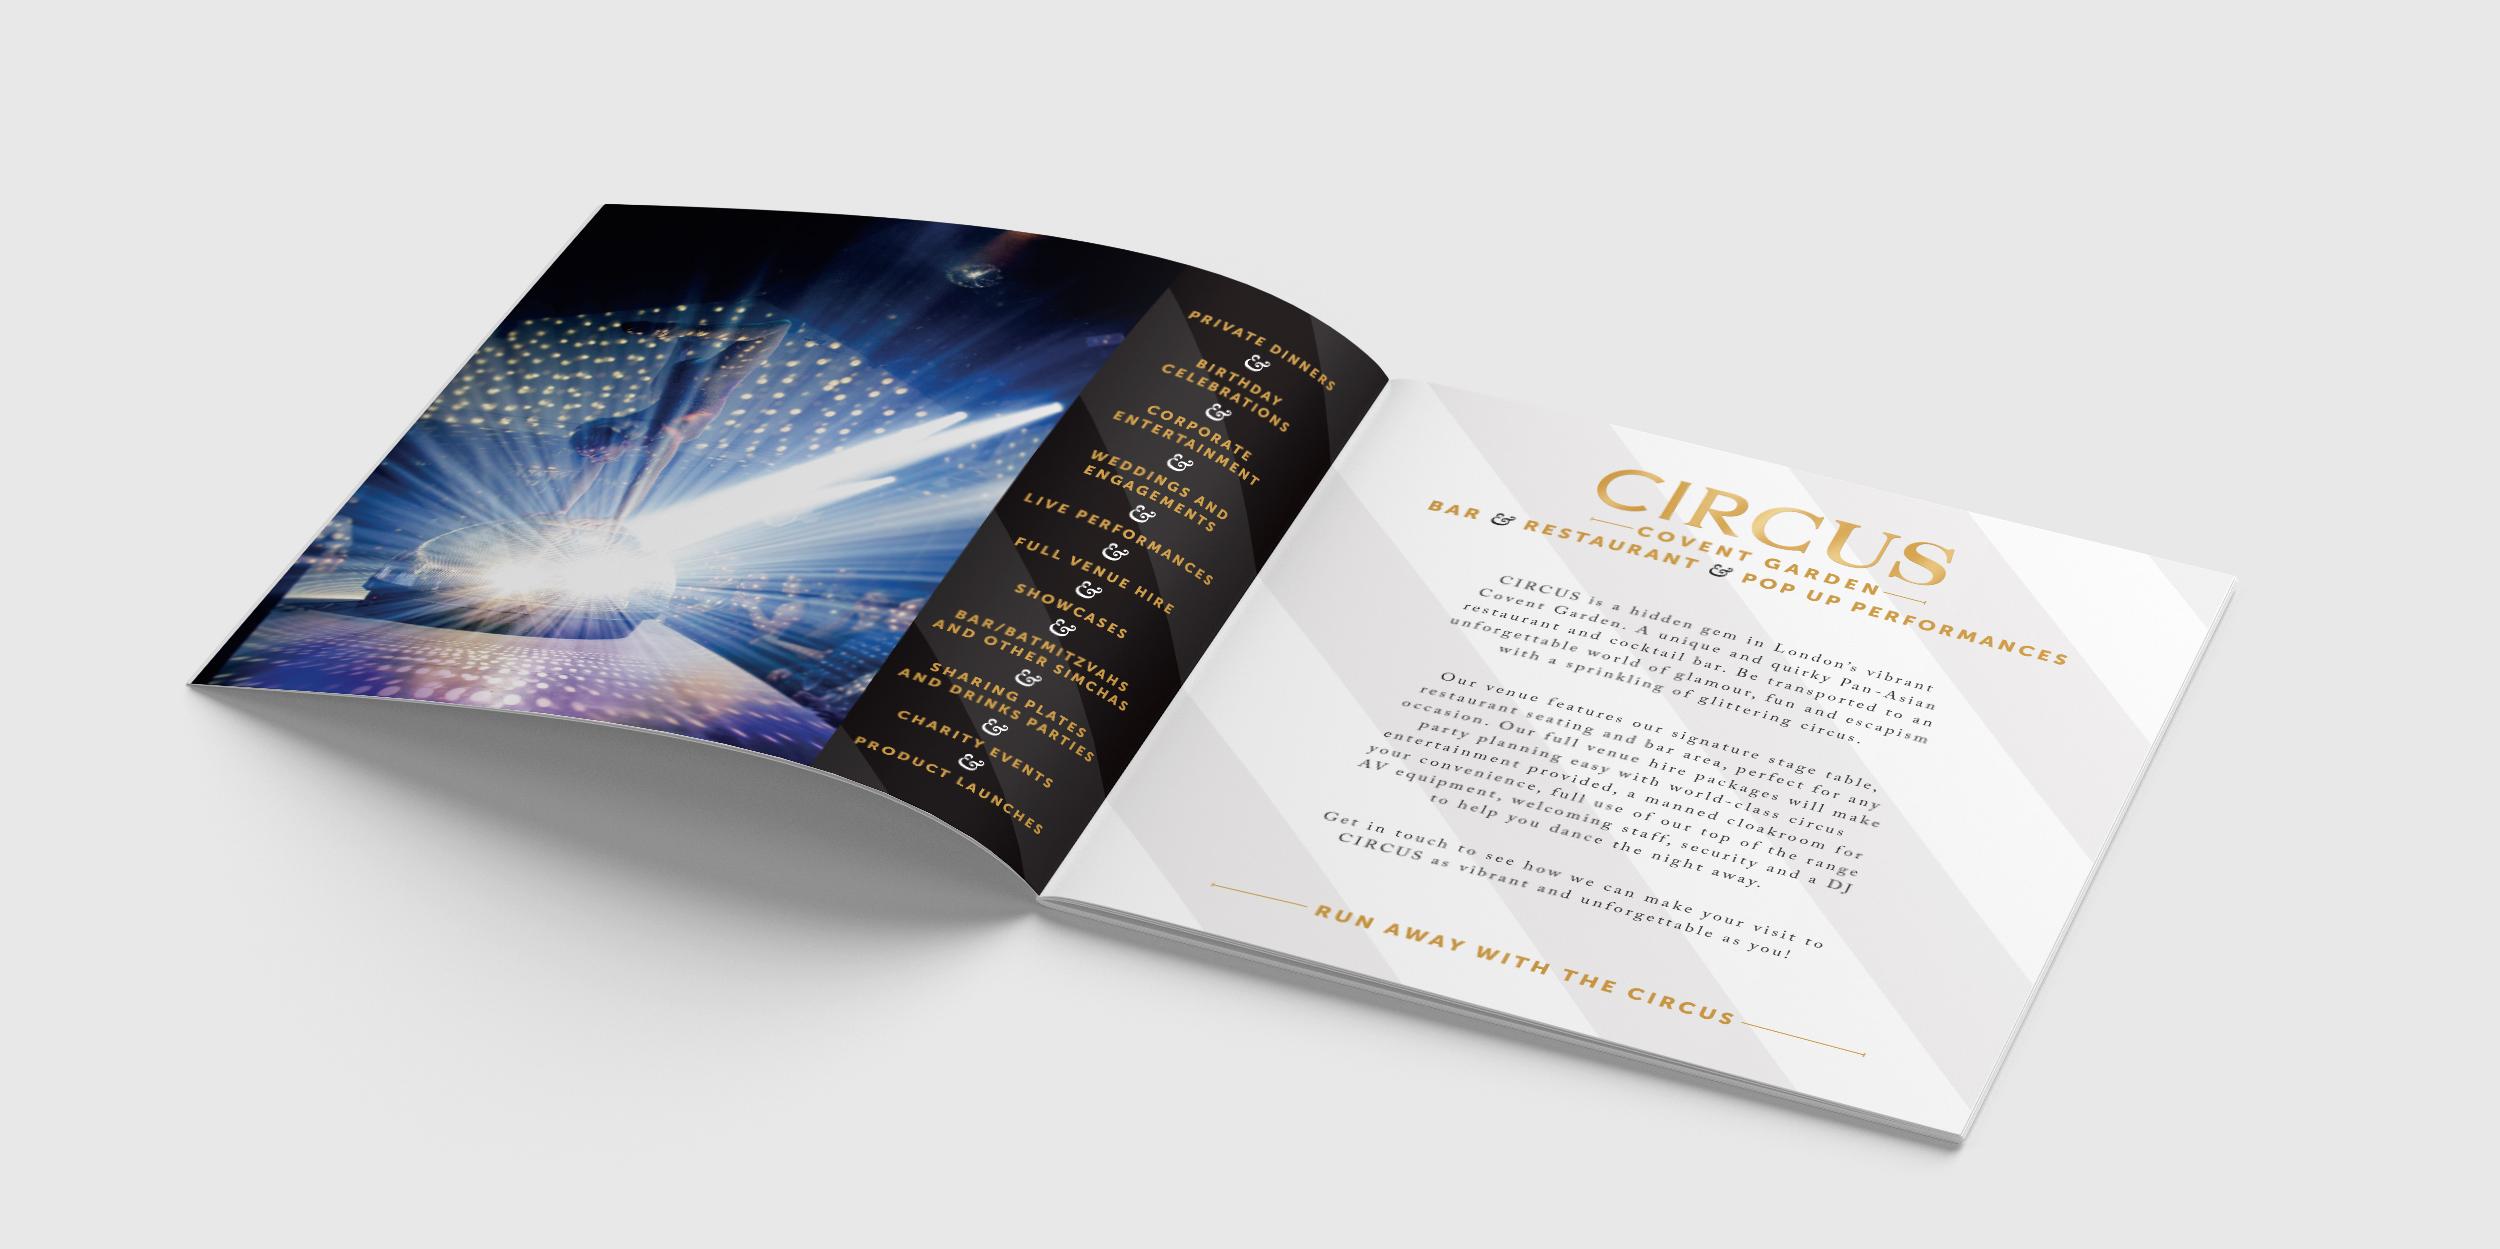 Circus brochure spread